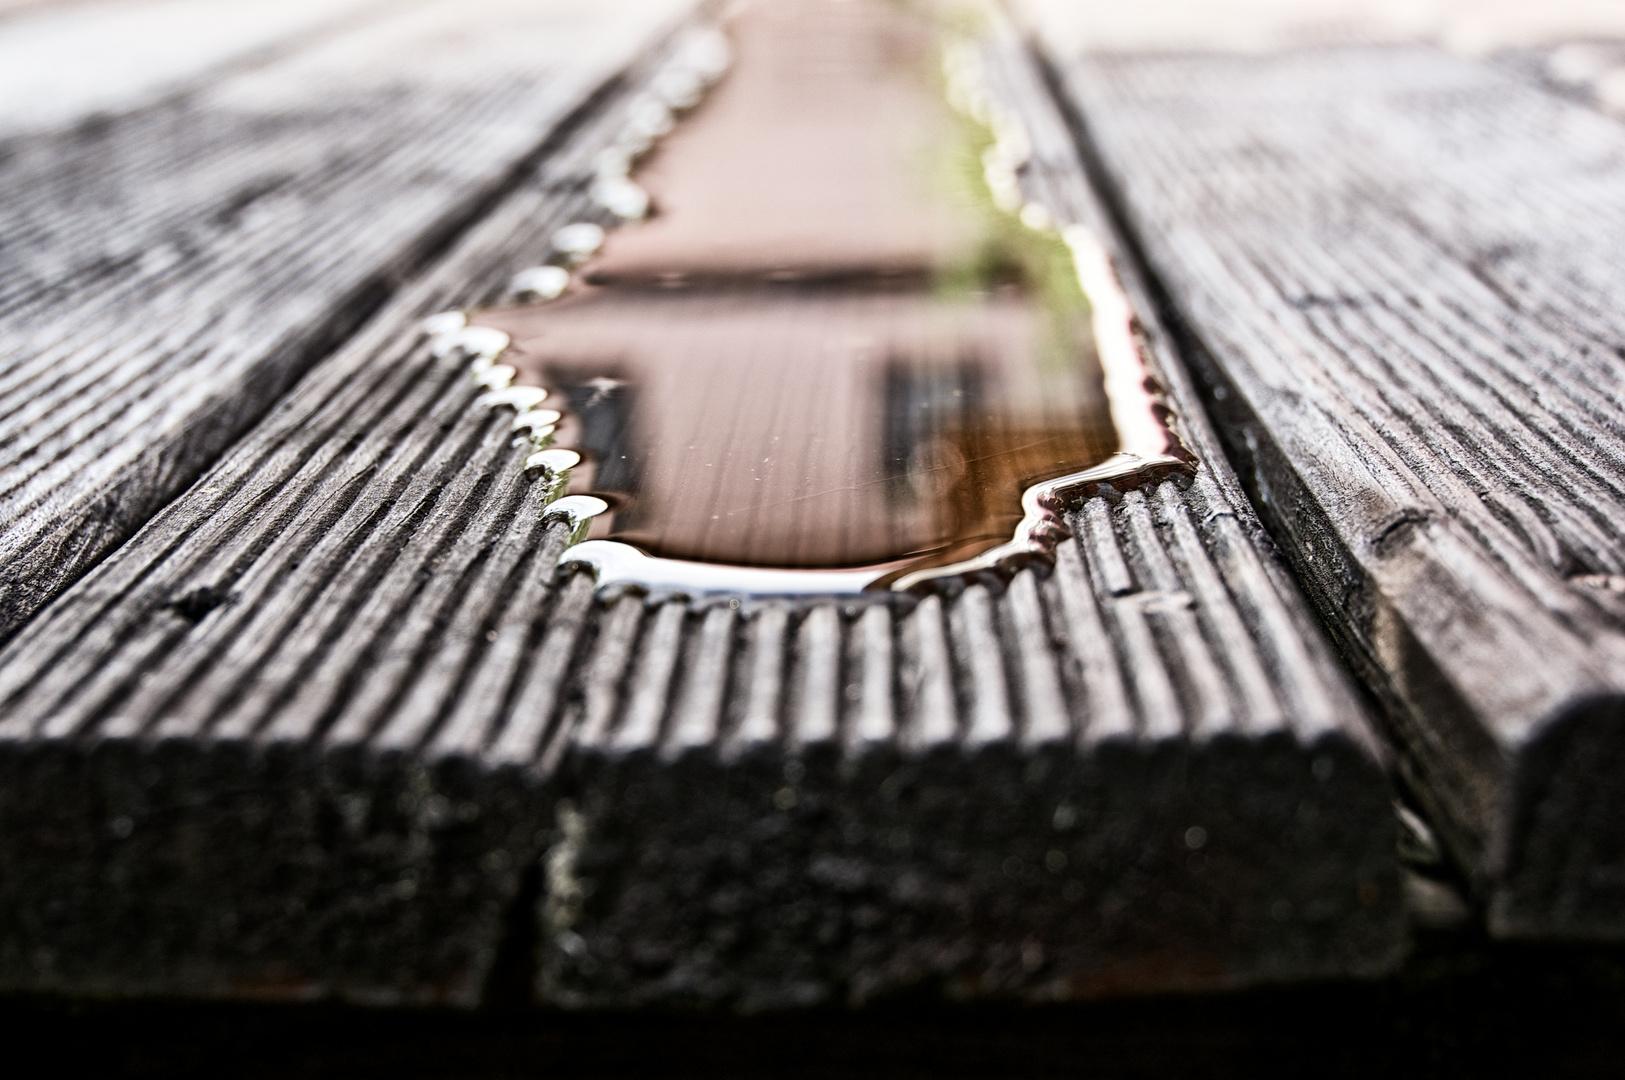 Regen auf der Terrasse